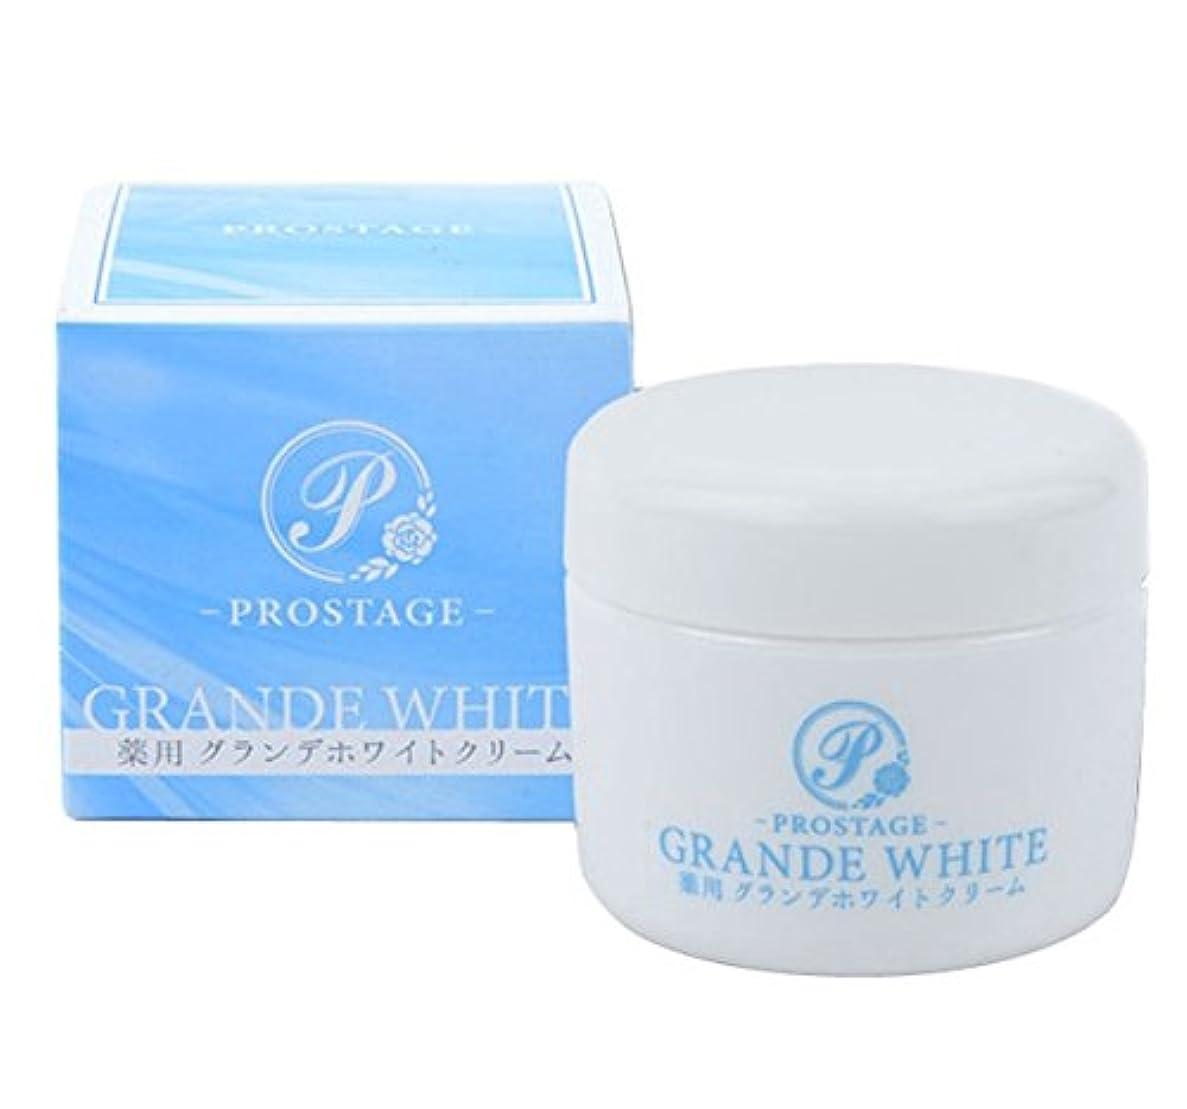 恐怖症味わう抽出薬用グランデホワイトクリーム PROSTAGE ホワイトニングクリーム 大容量80g (1個)